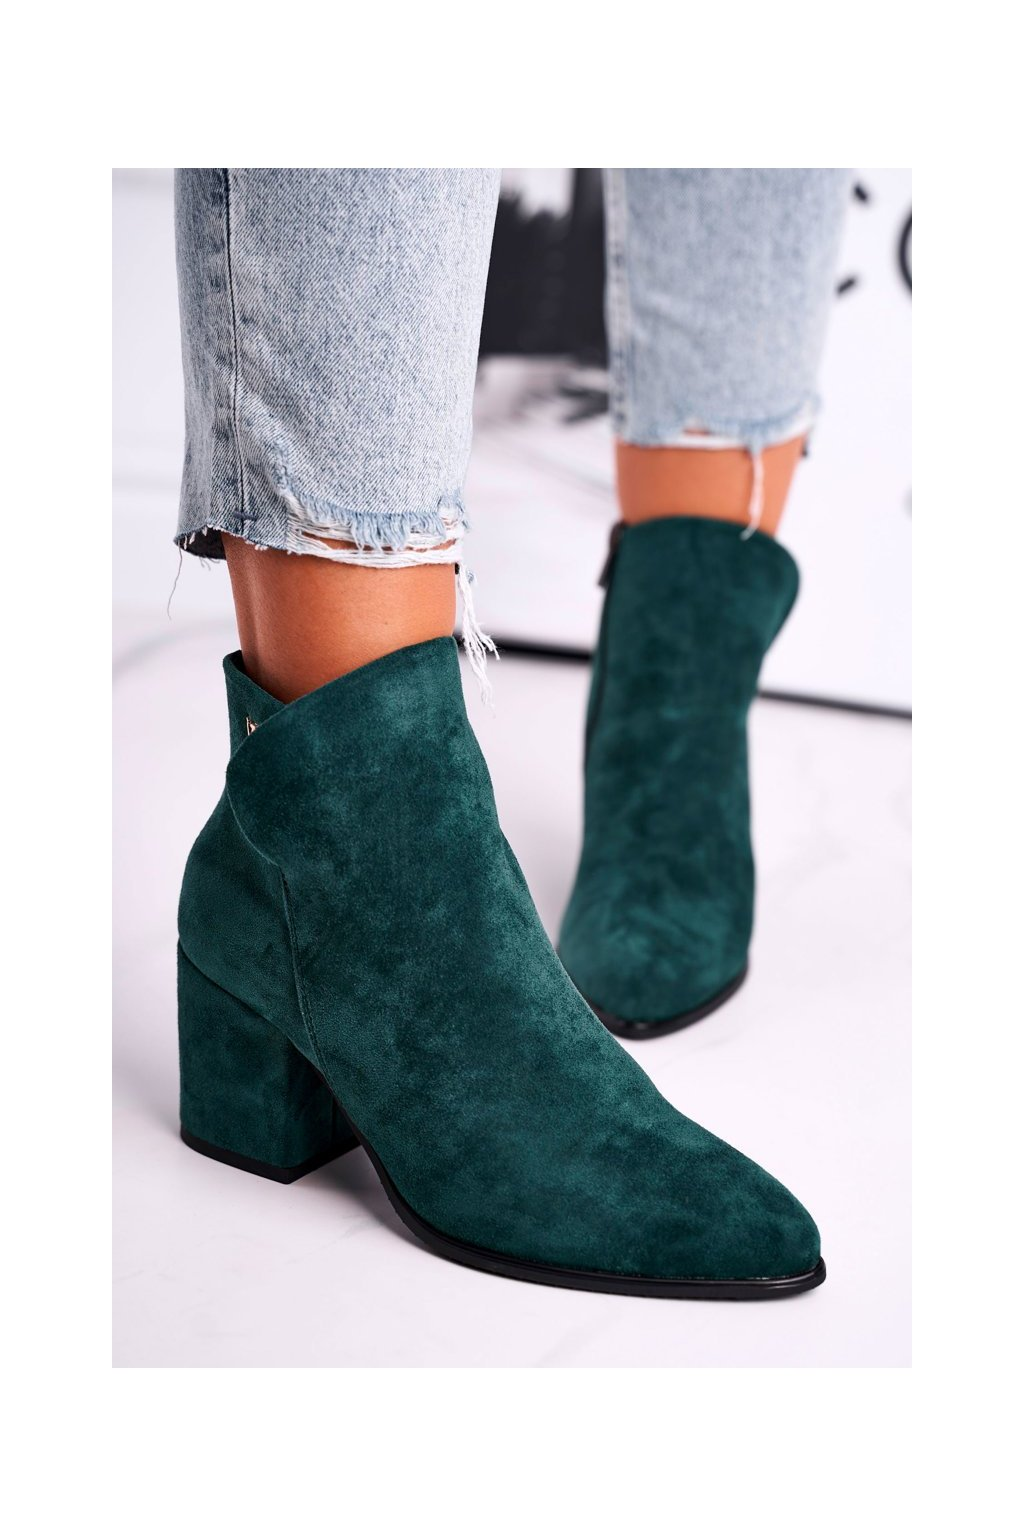 Členkové topánky na podpätku farba zelená kód obuvi 21-10555 GREEN